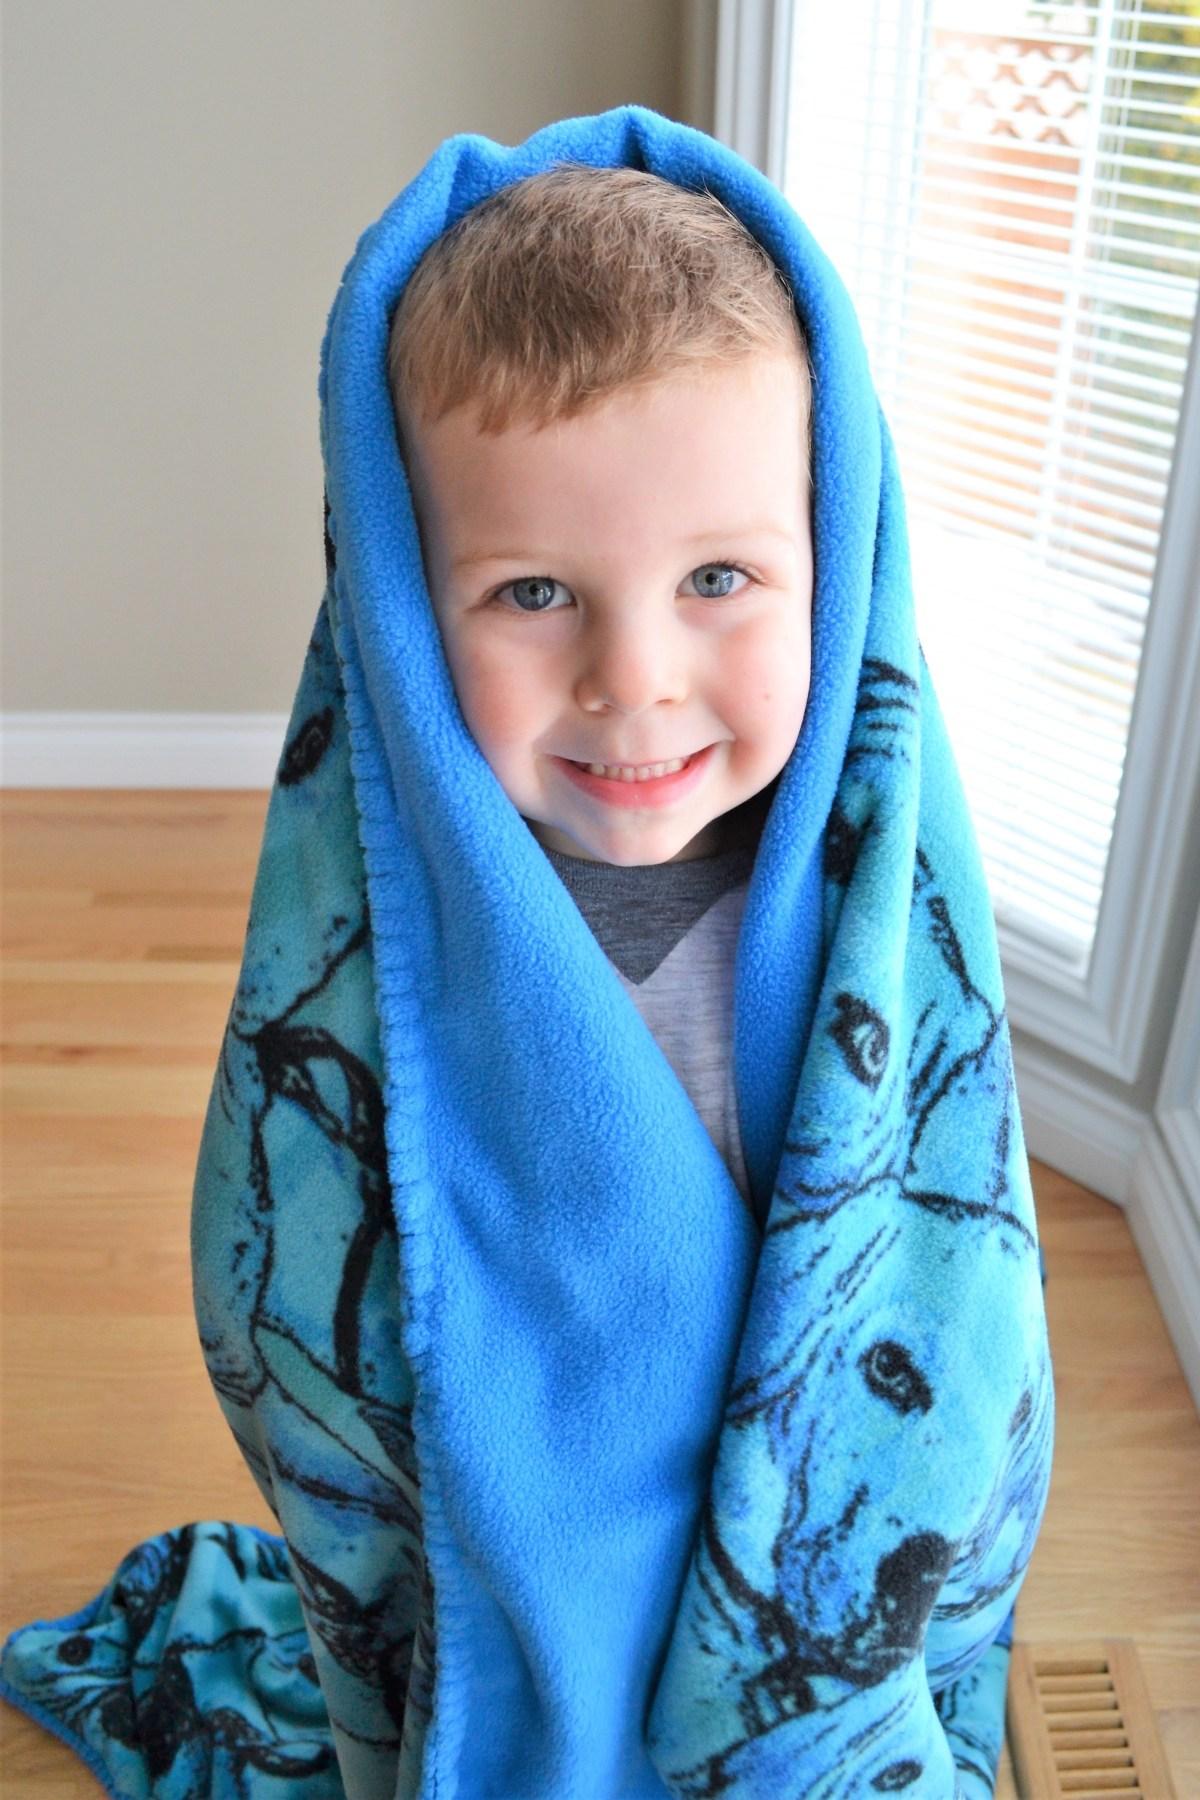 Hand Sewn Fleece Toddler Blanket Tutorial! - The Blanket Stitch! - puppy blanket